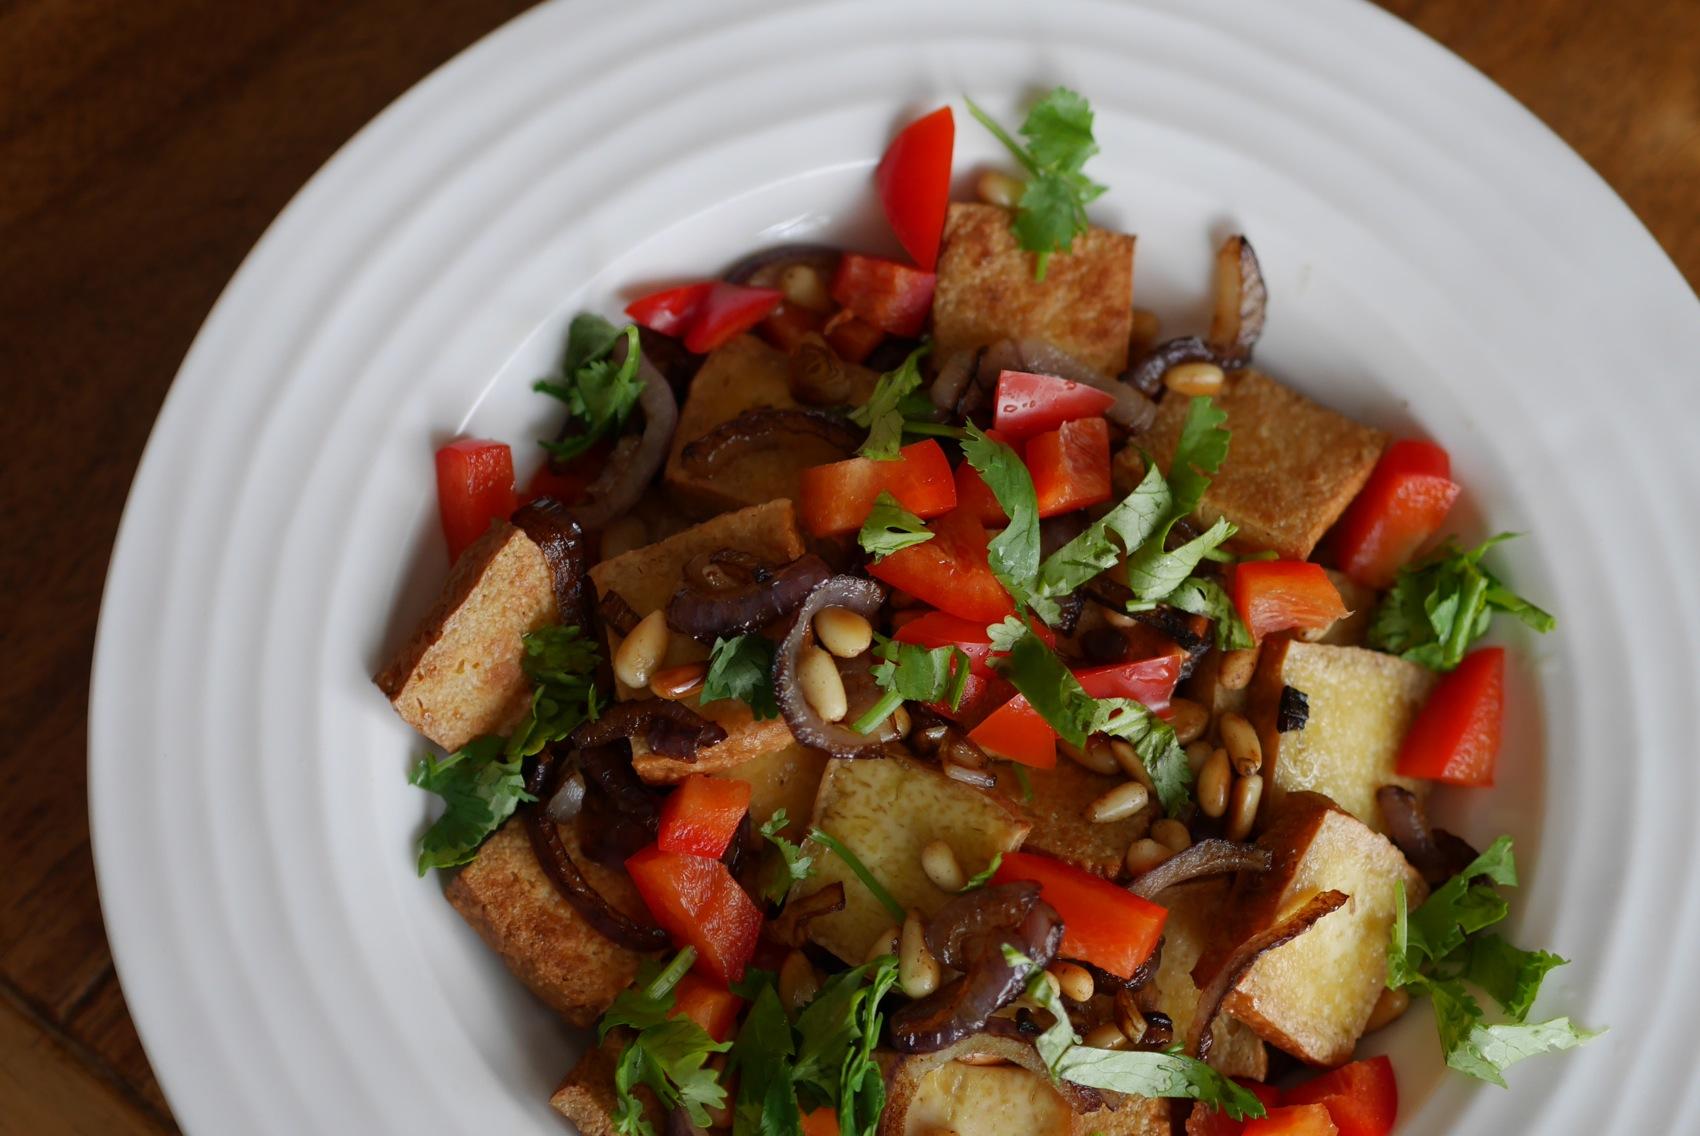 Salade de tofu fumé